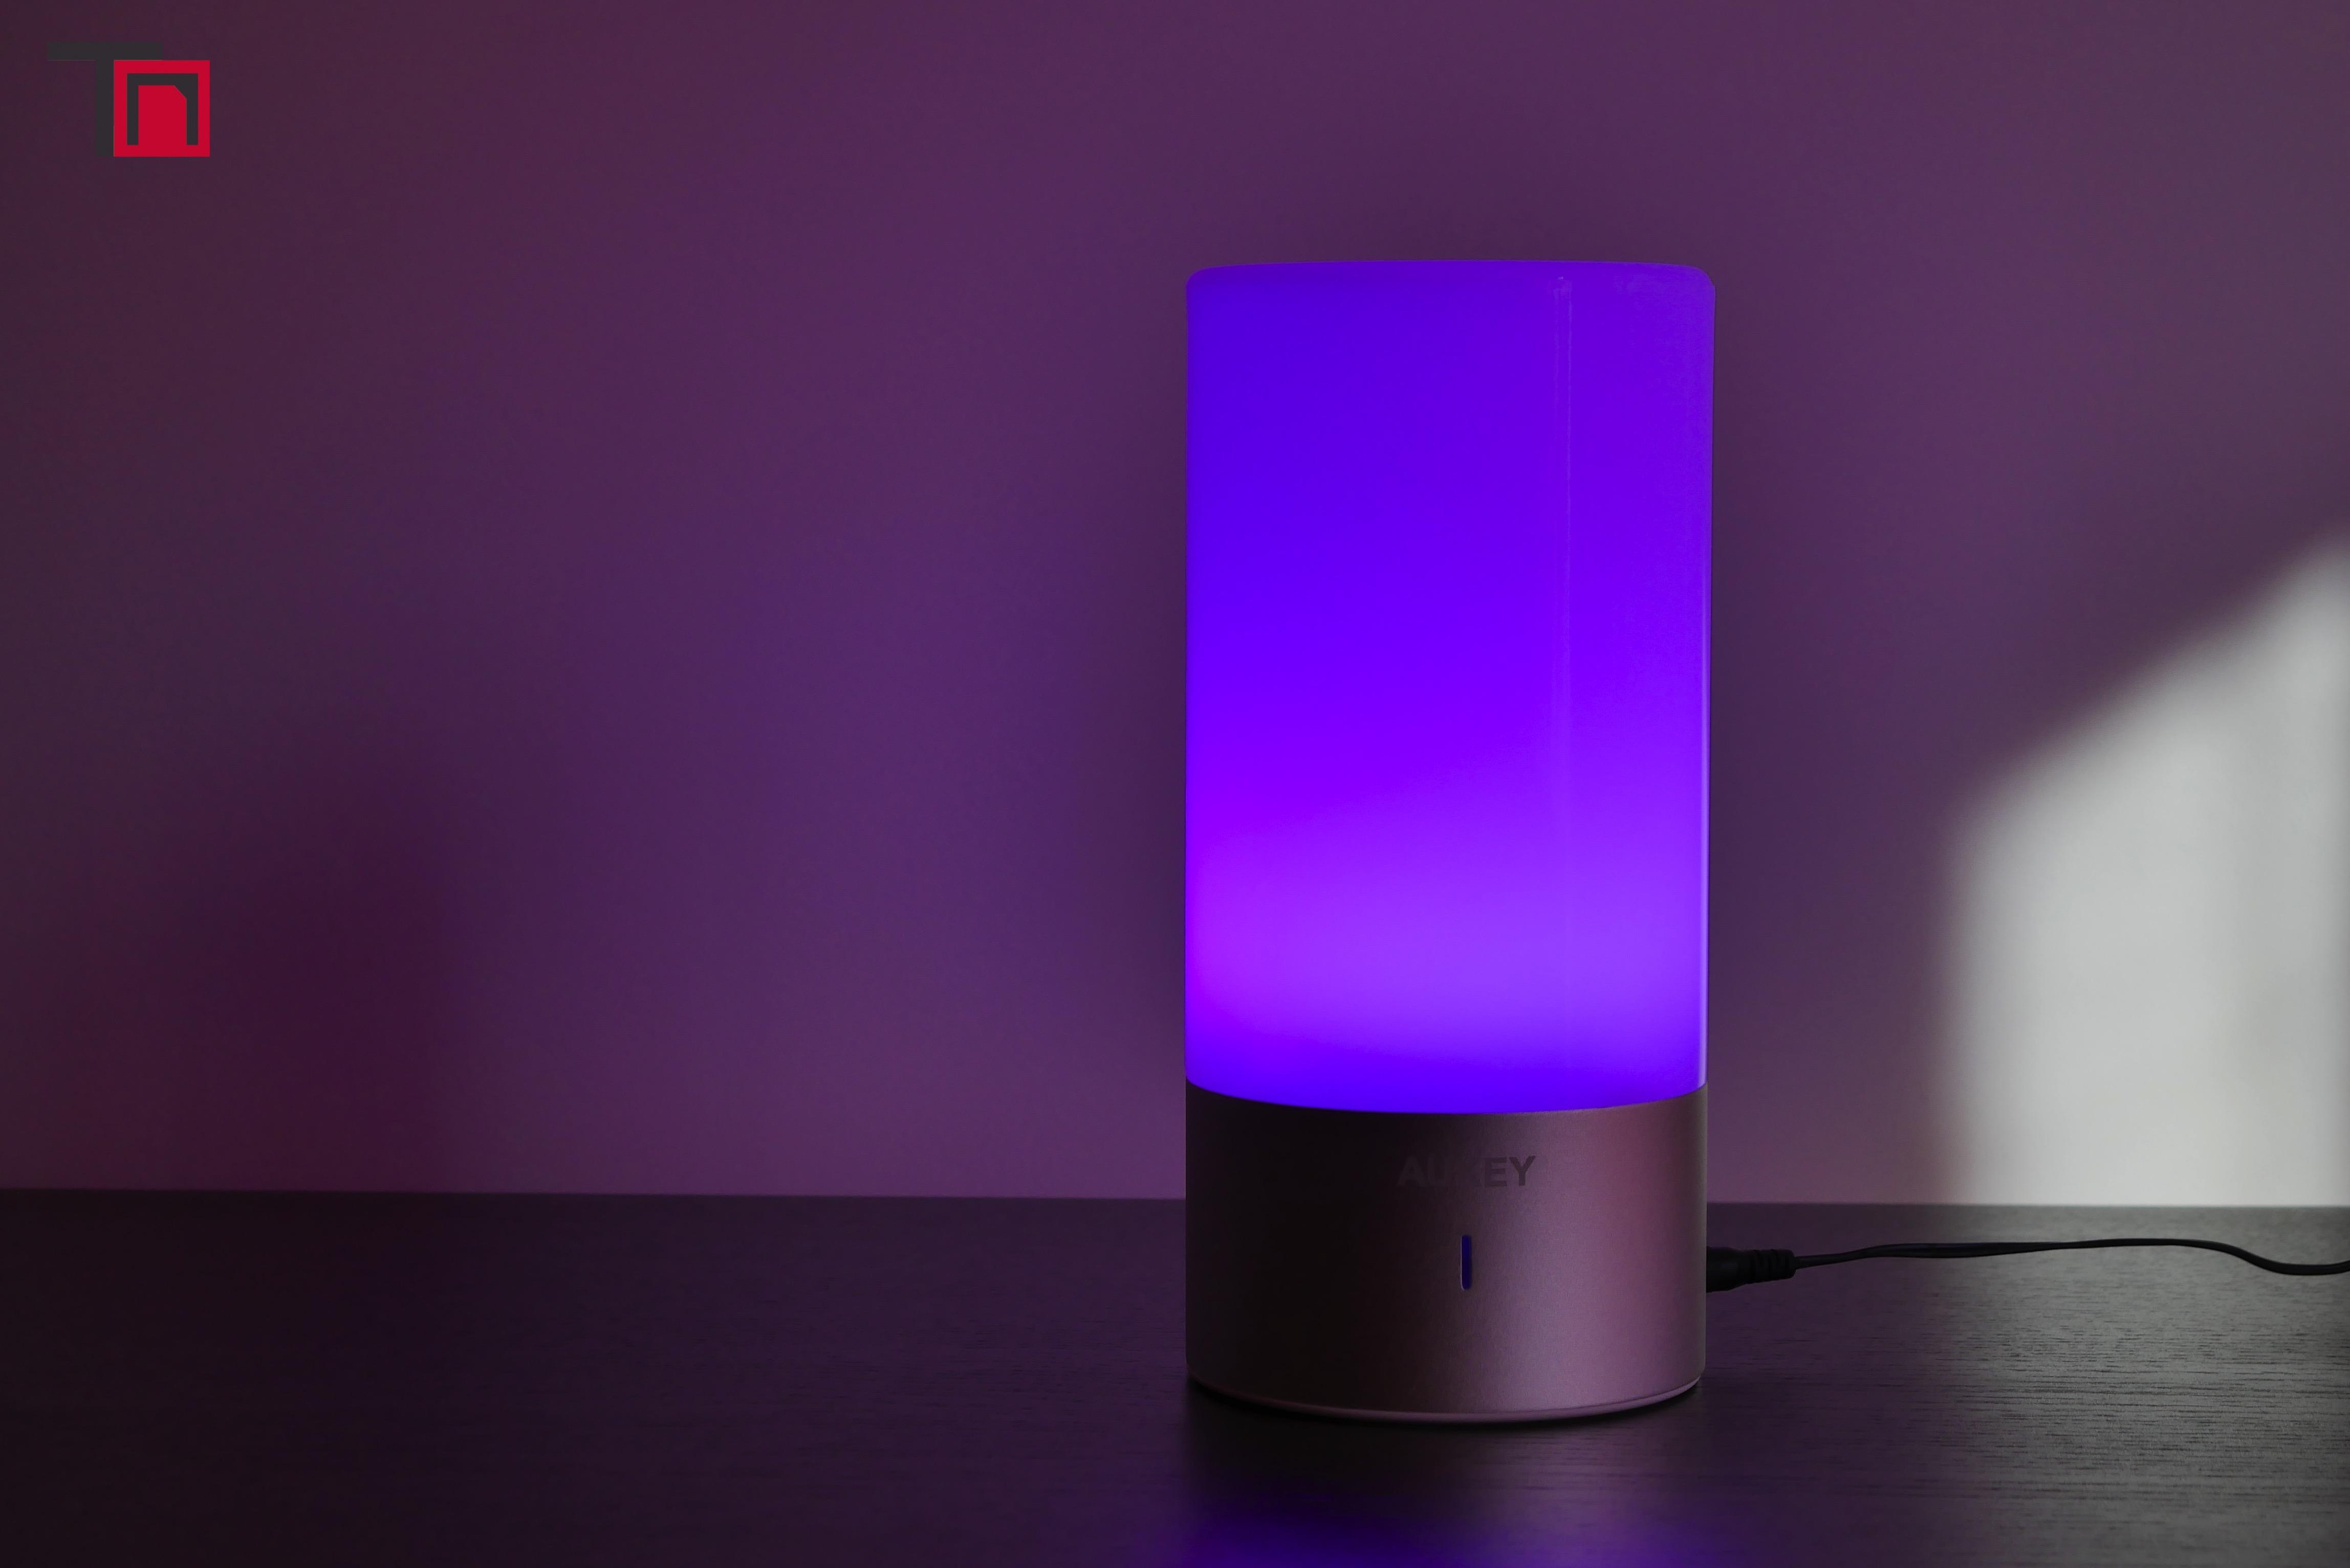 lampe de chevet tactile sensitive aukey un bel objet. Black Bedroom Furniture Sets. Home Design Ideas